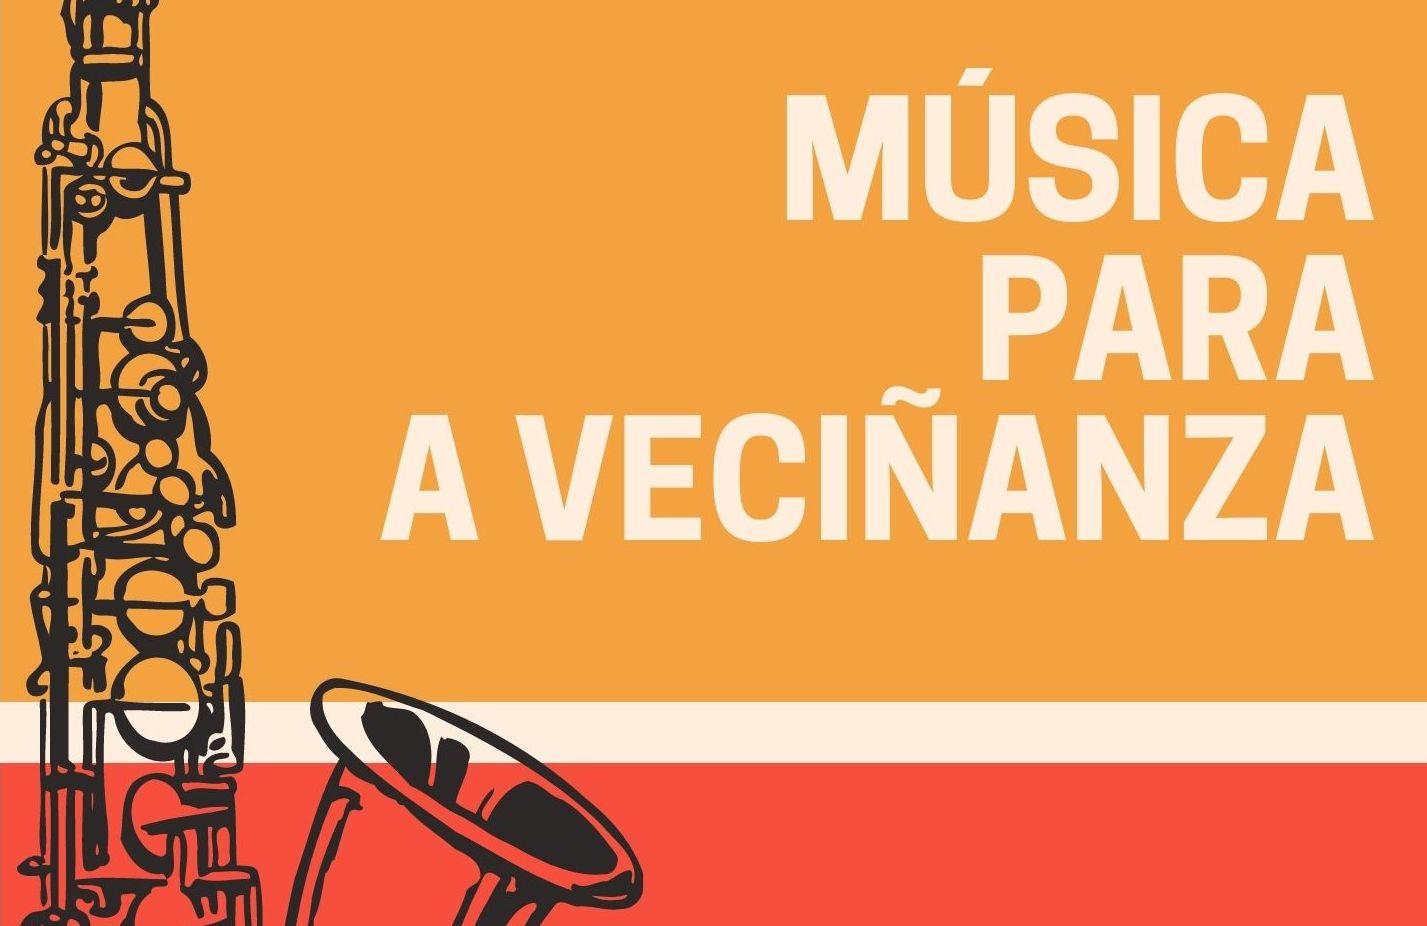 A Asociación de veciños Casco Antigo de Viveiro organiza este sábado 'Música para a veciñanza'